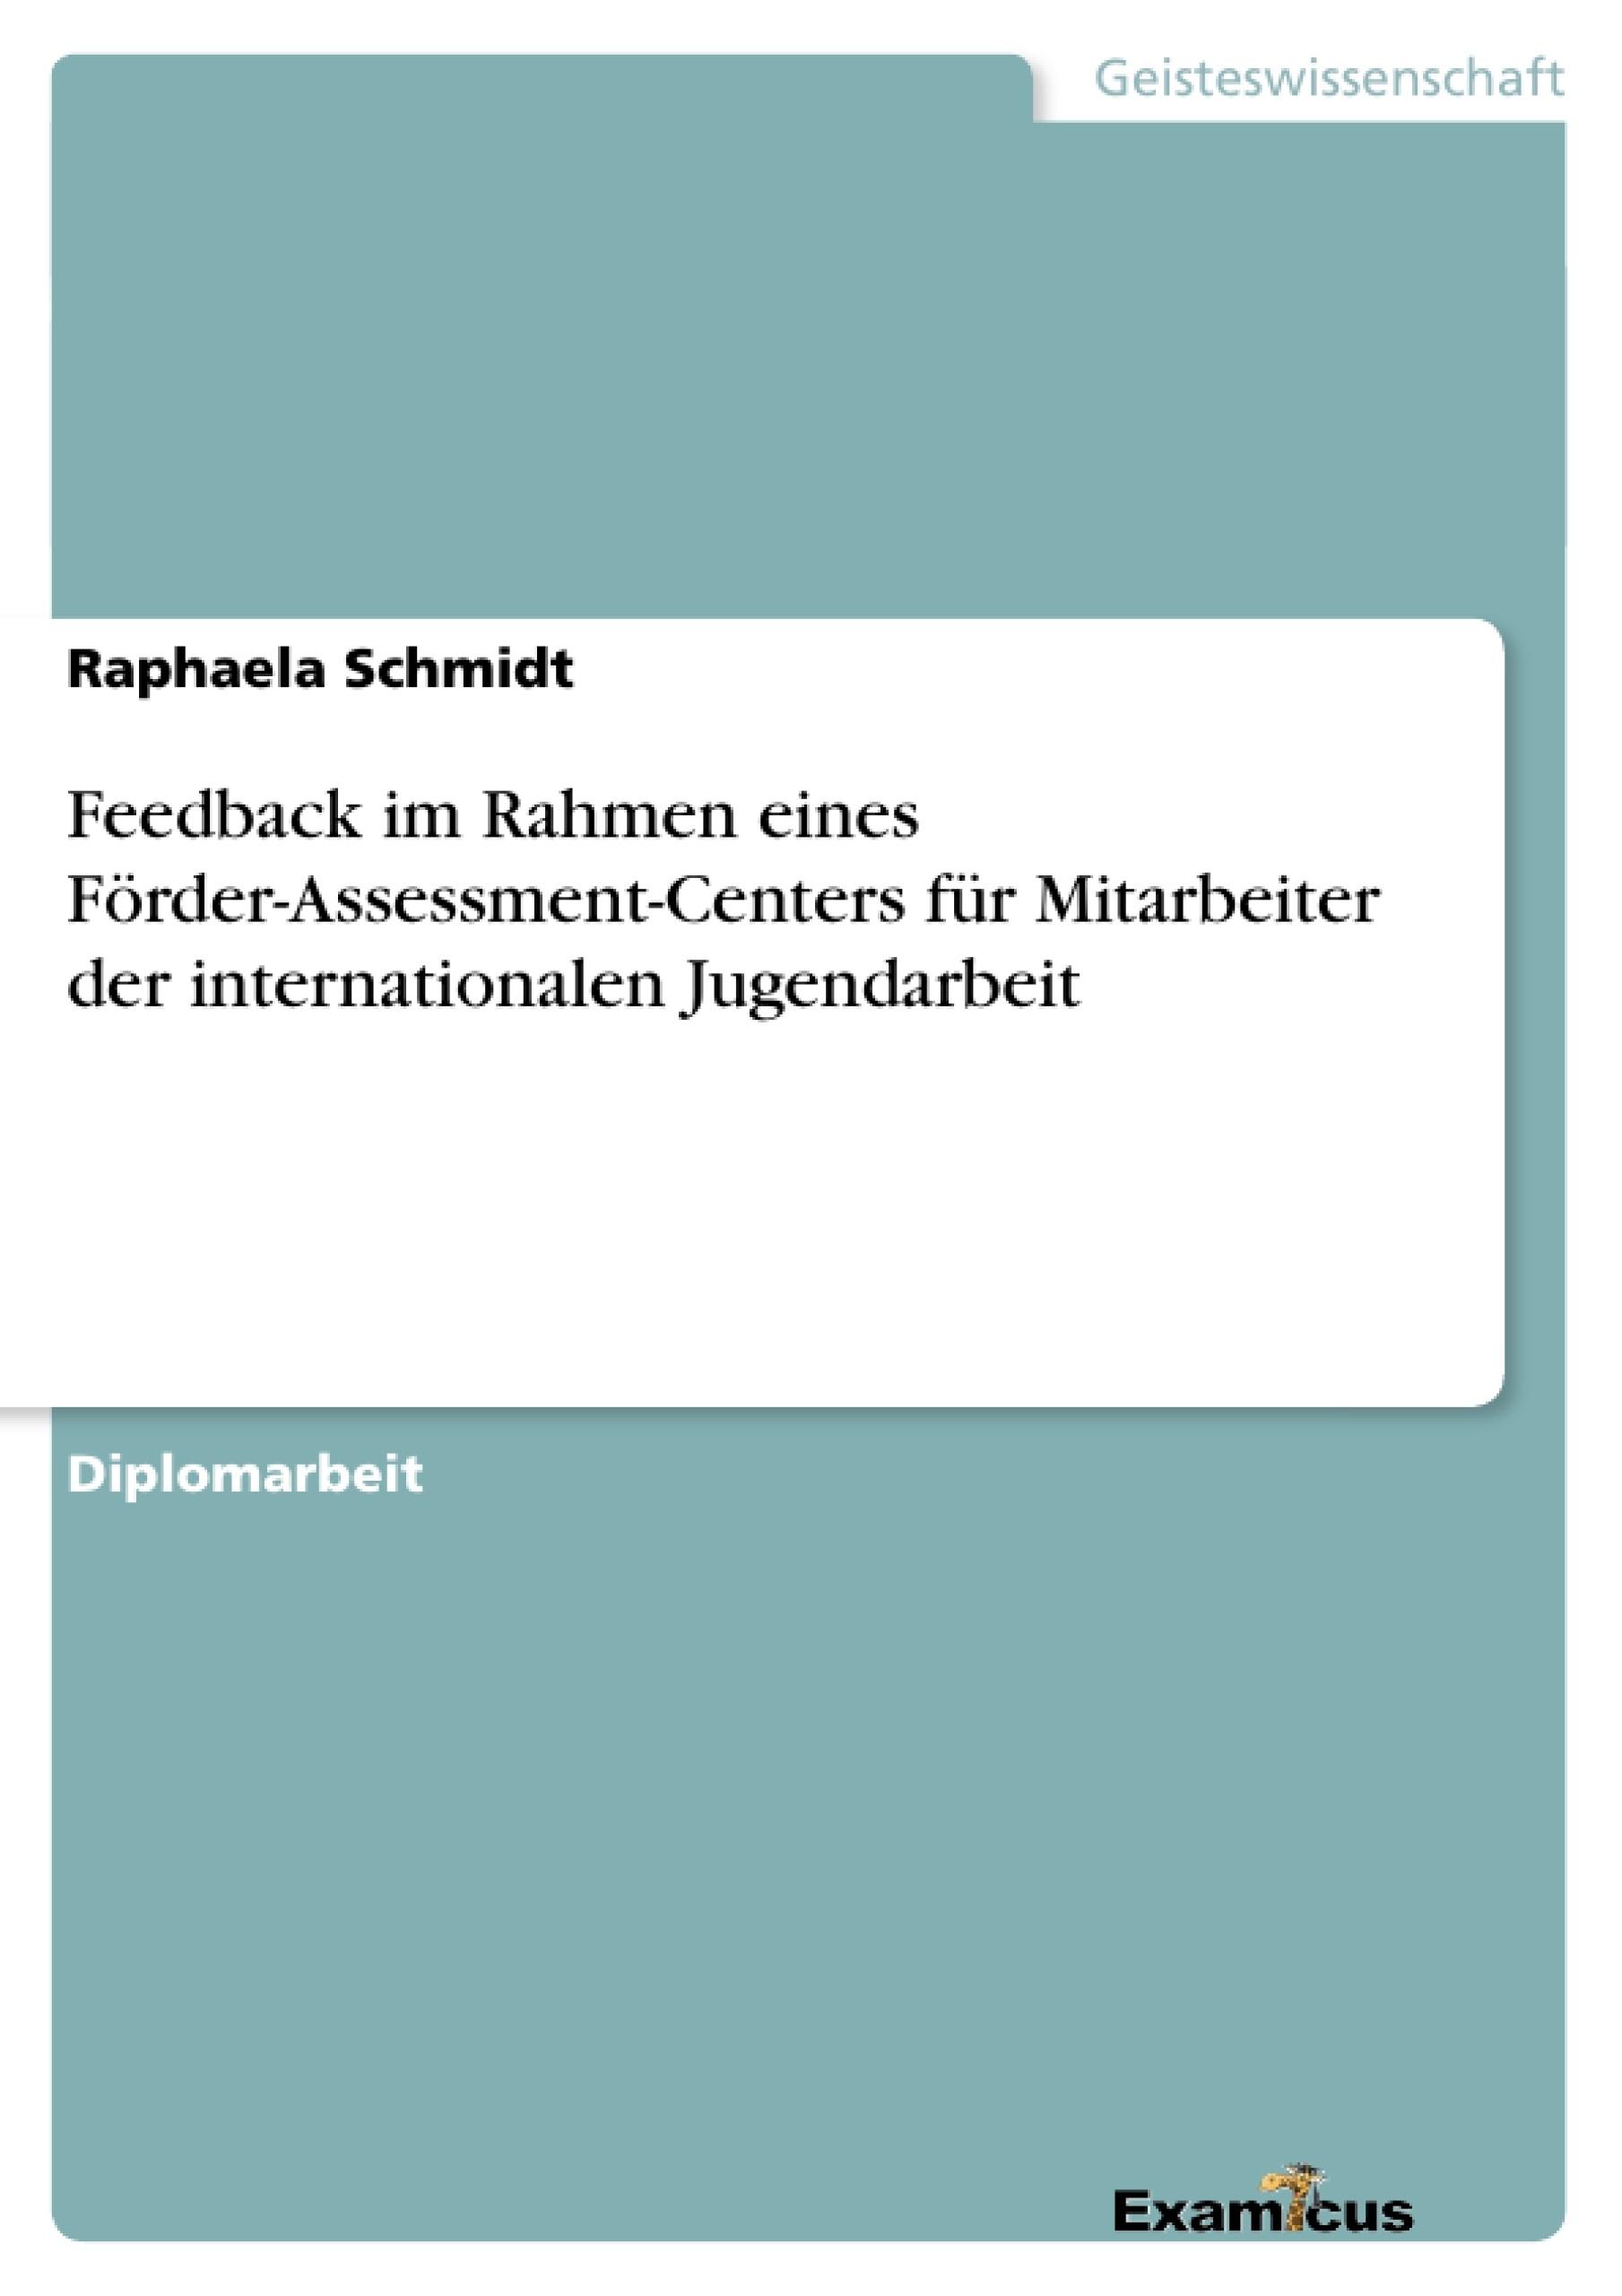 Titel: Feedback im Rahmen eines Förder-Assessment-Centers für Mitarbeiter der internationalen Jugendarbeit